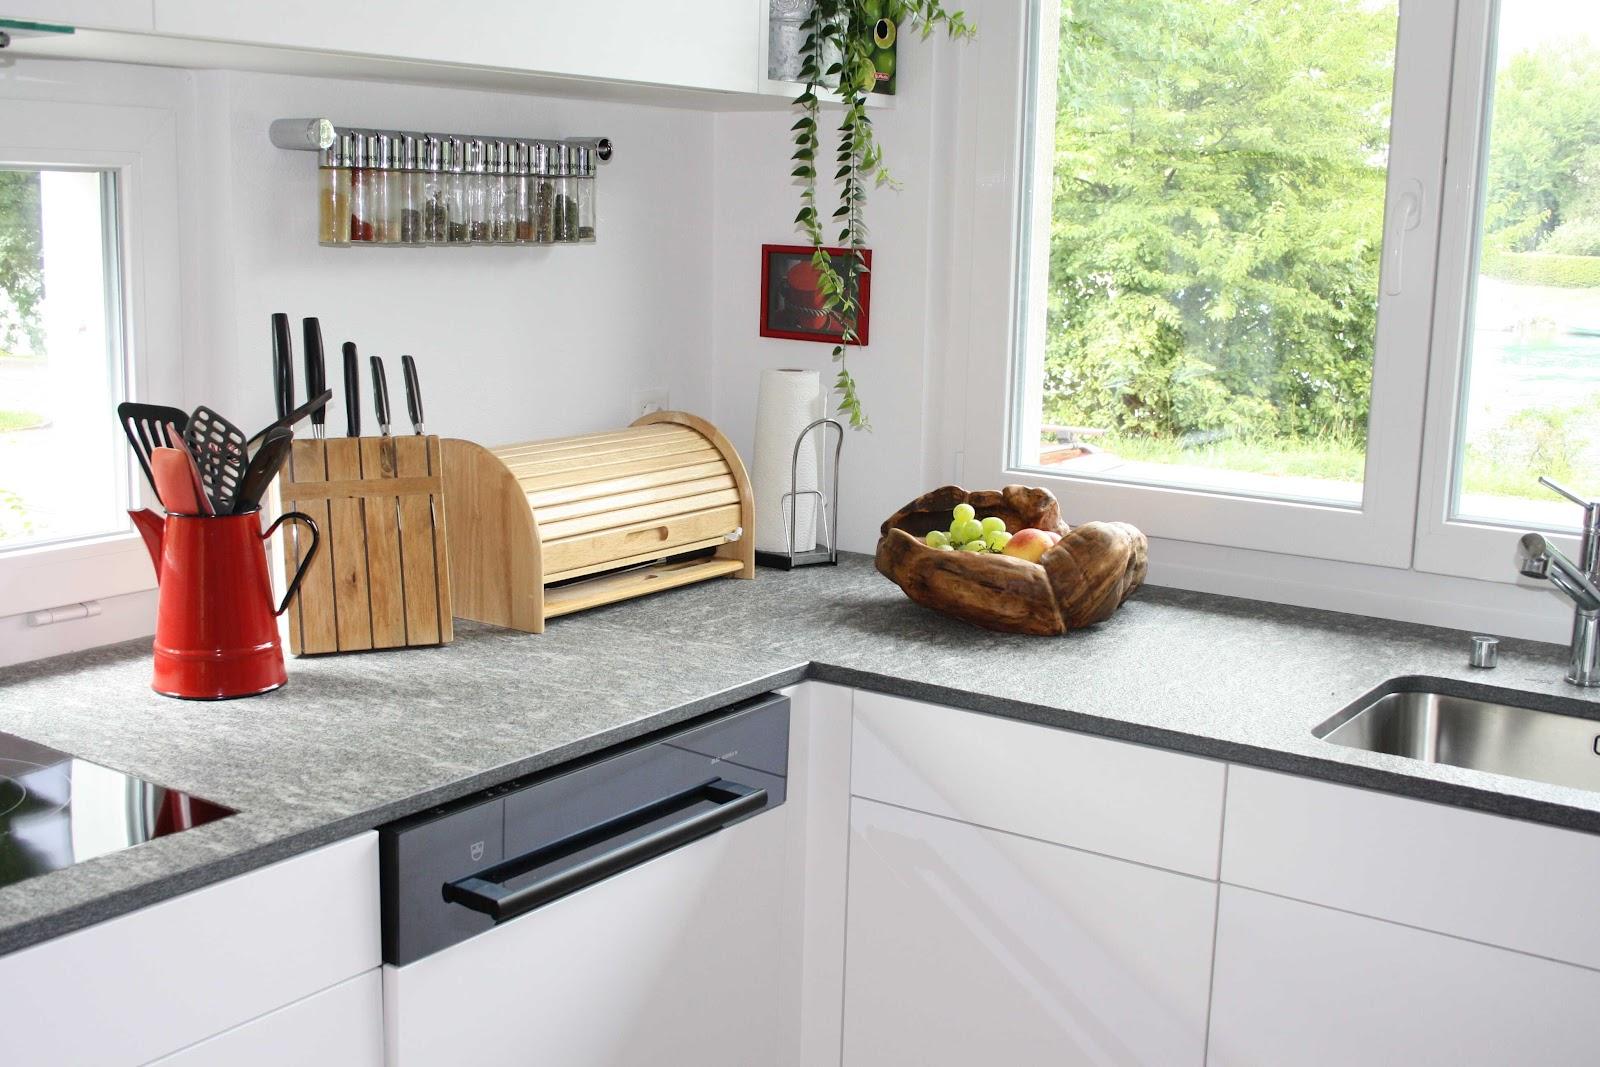 k chenblog weisse k che mit roter dekoration. Black Bedroom Furniture Sets. Home Design Ideas